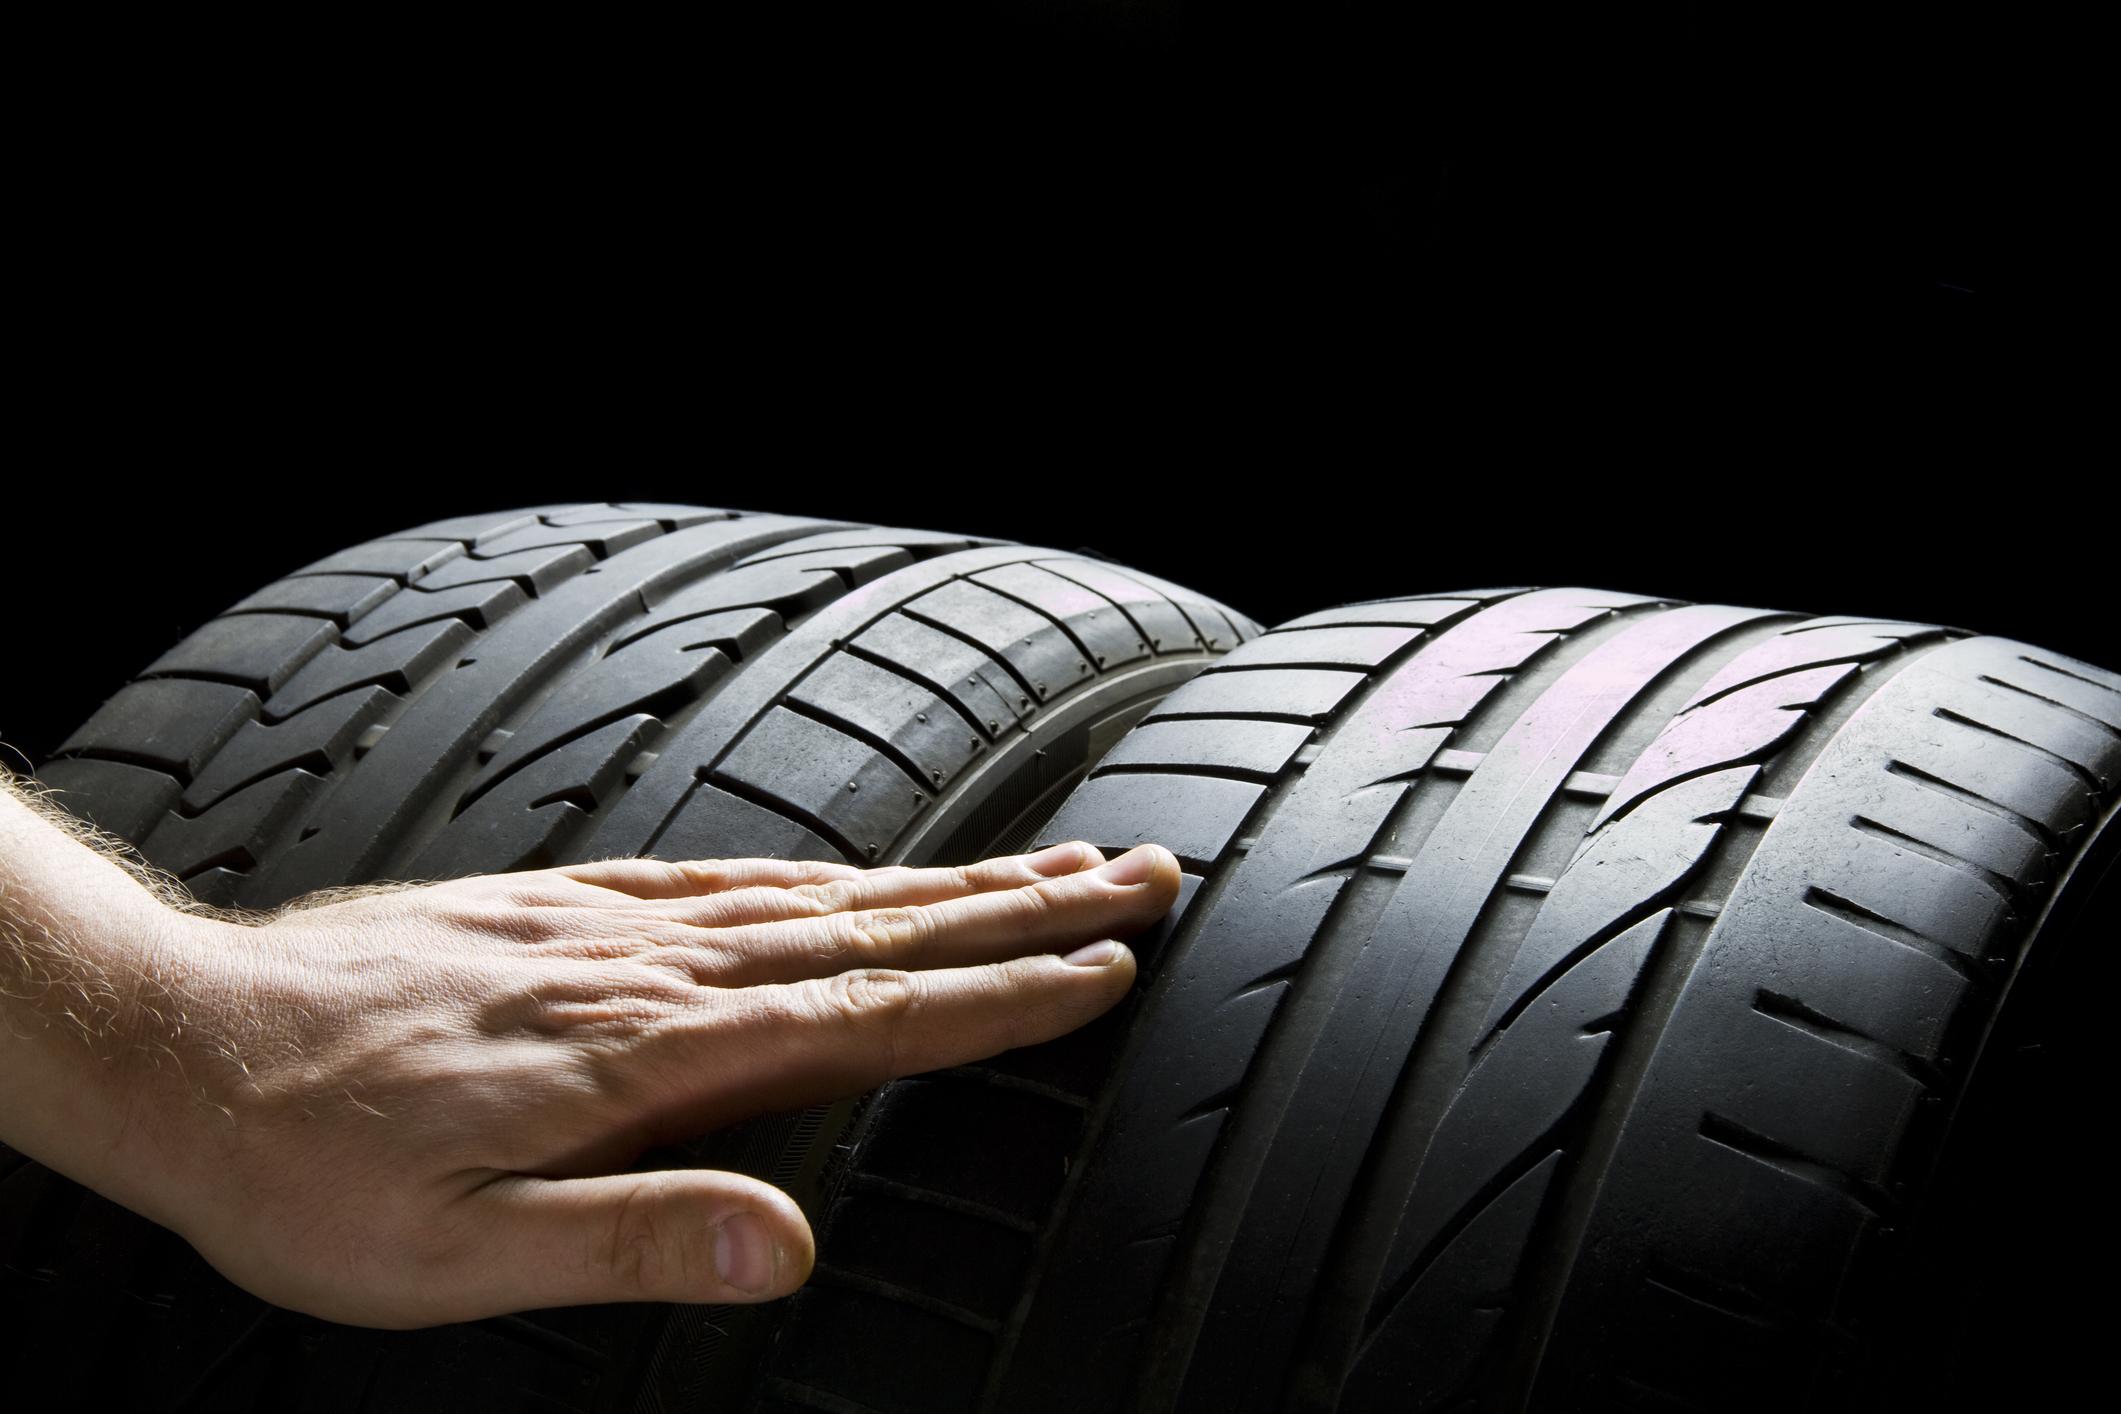 215 55 R16: Univerzálne pneumatiky pre každú situáciu